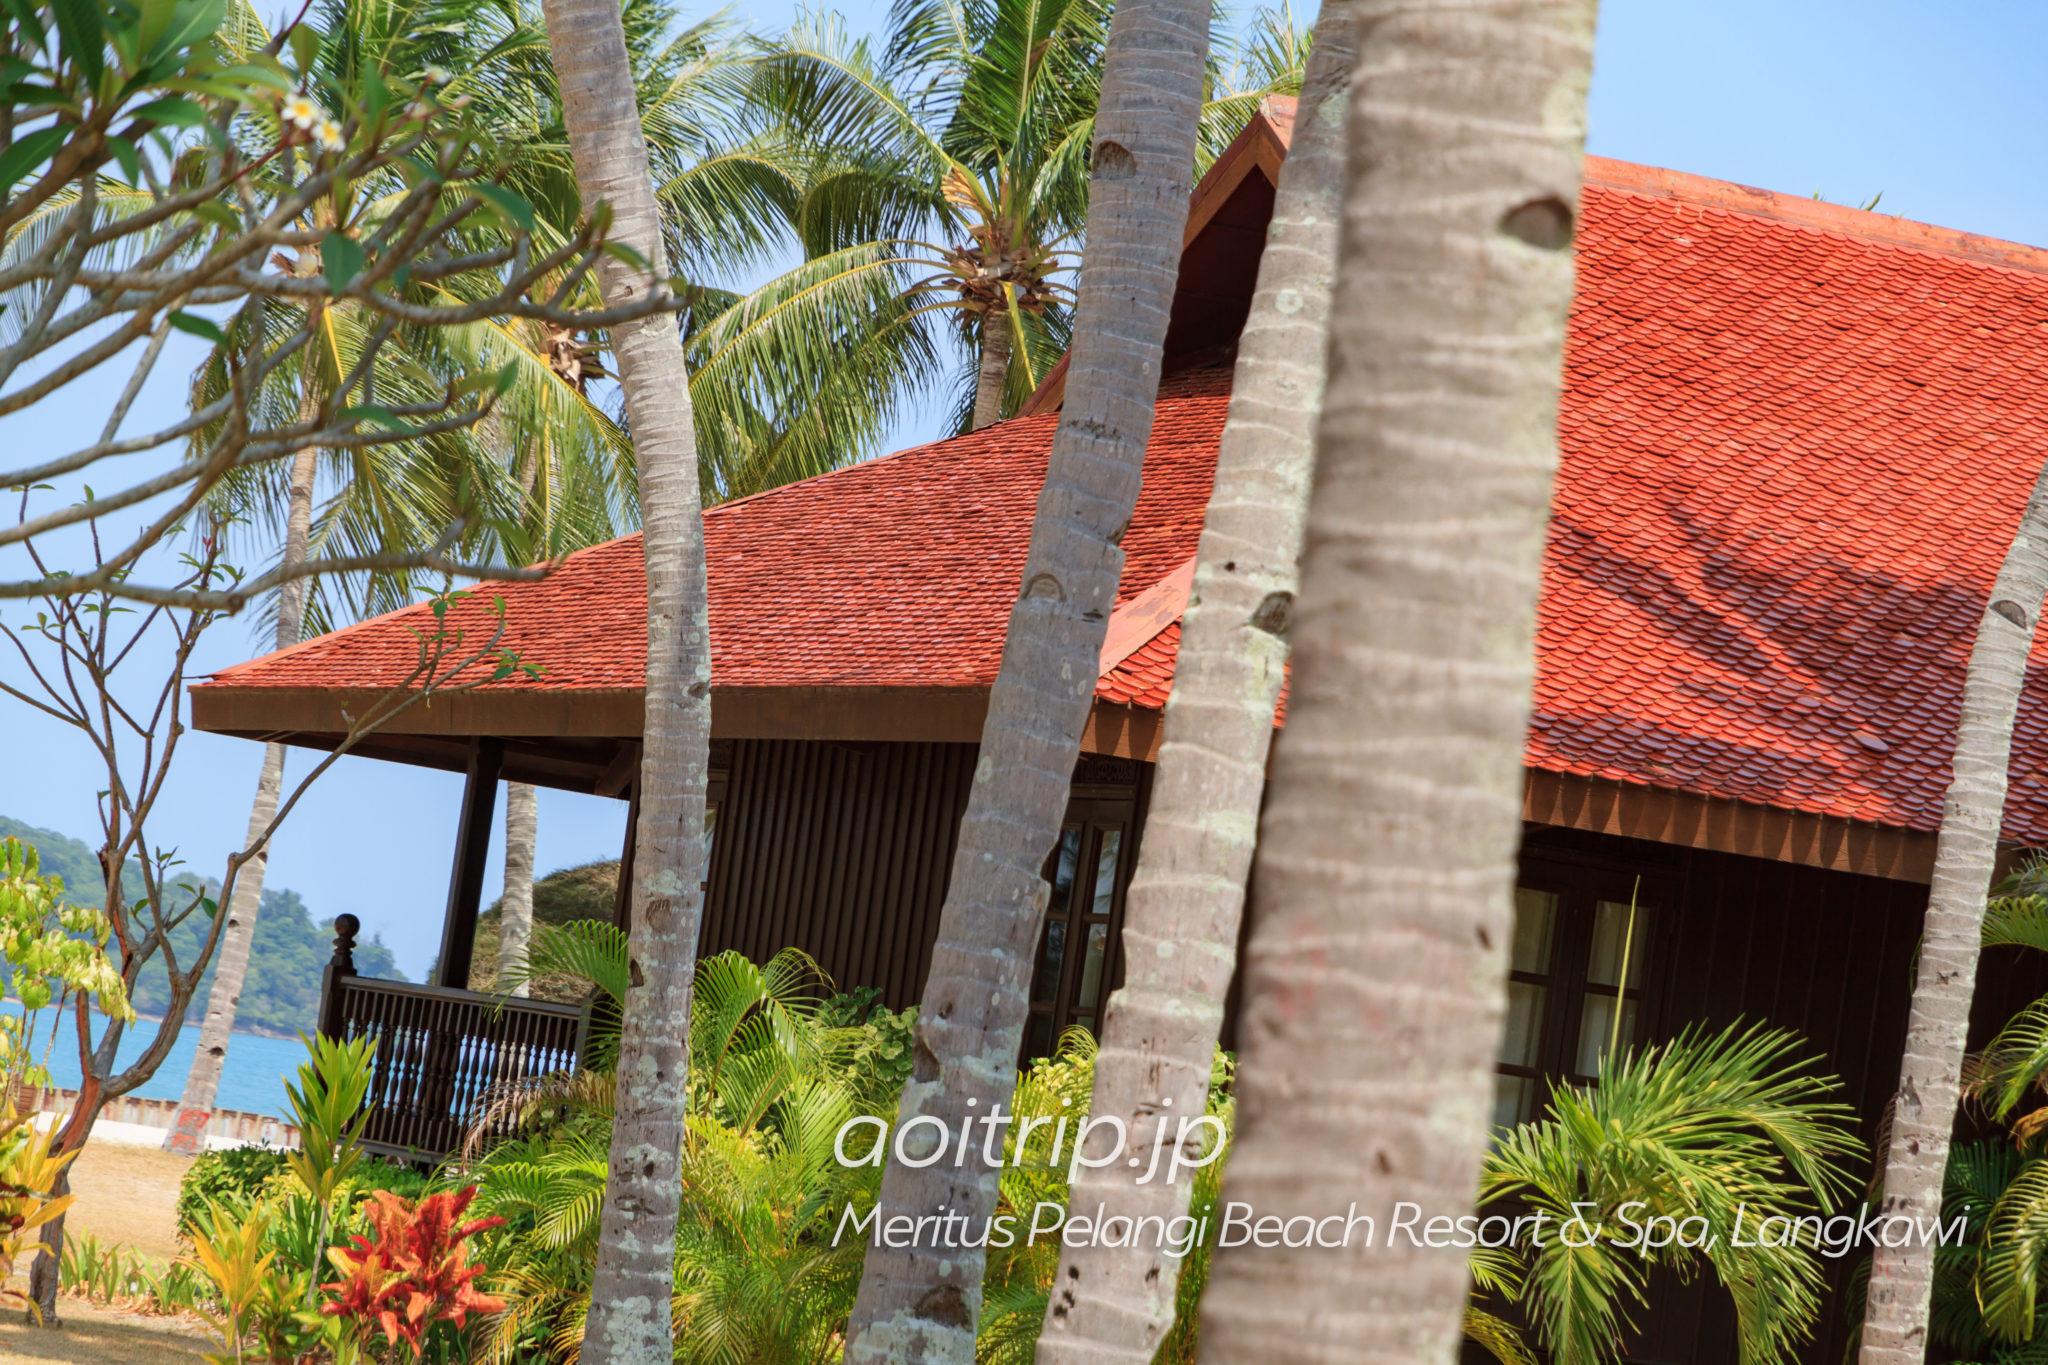 メリタス ペランギ ビーチ&スパ リゾート ランカウイ Meritus Pelangi Beach Resort & Spa, Langkawi